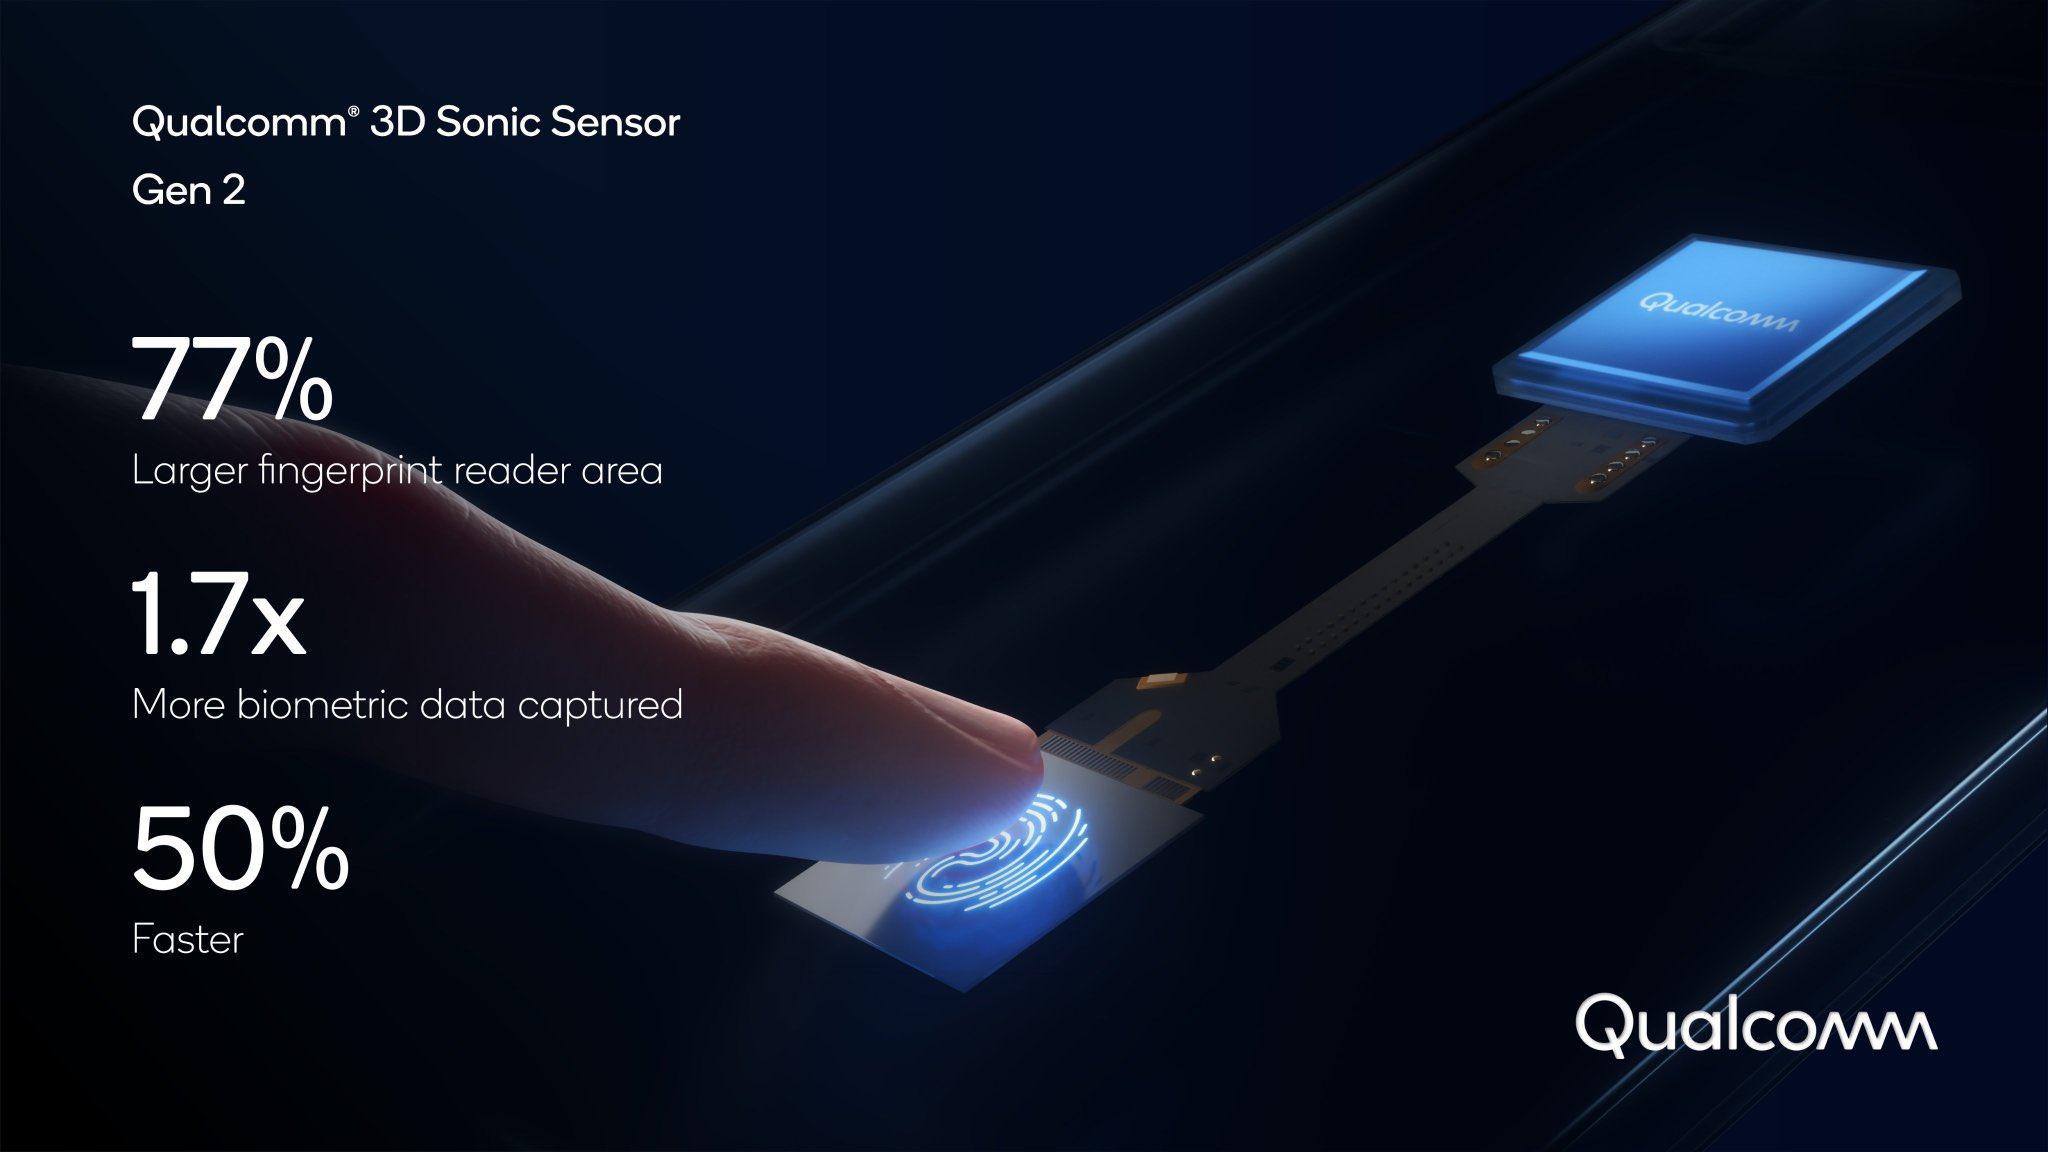 новый подэкранный сканер от Qualcomm